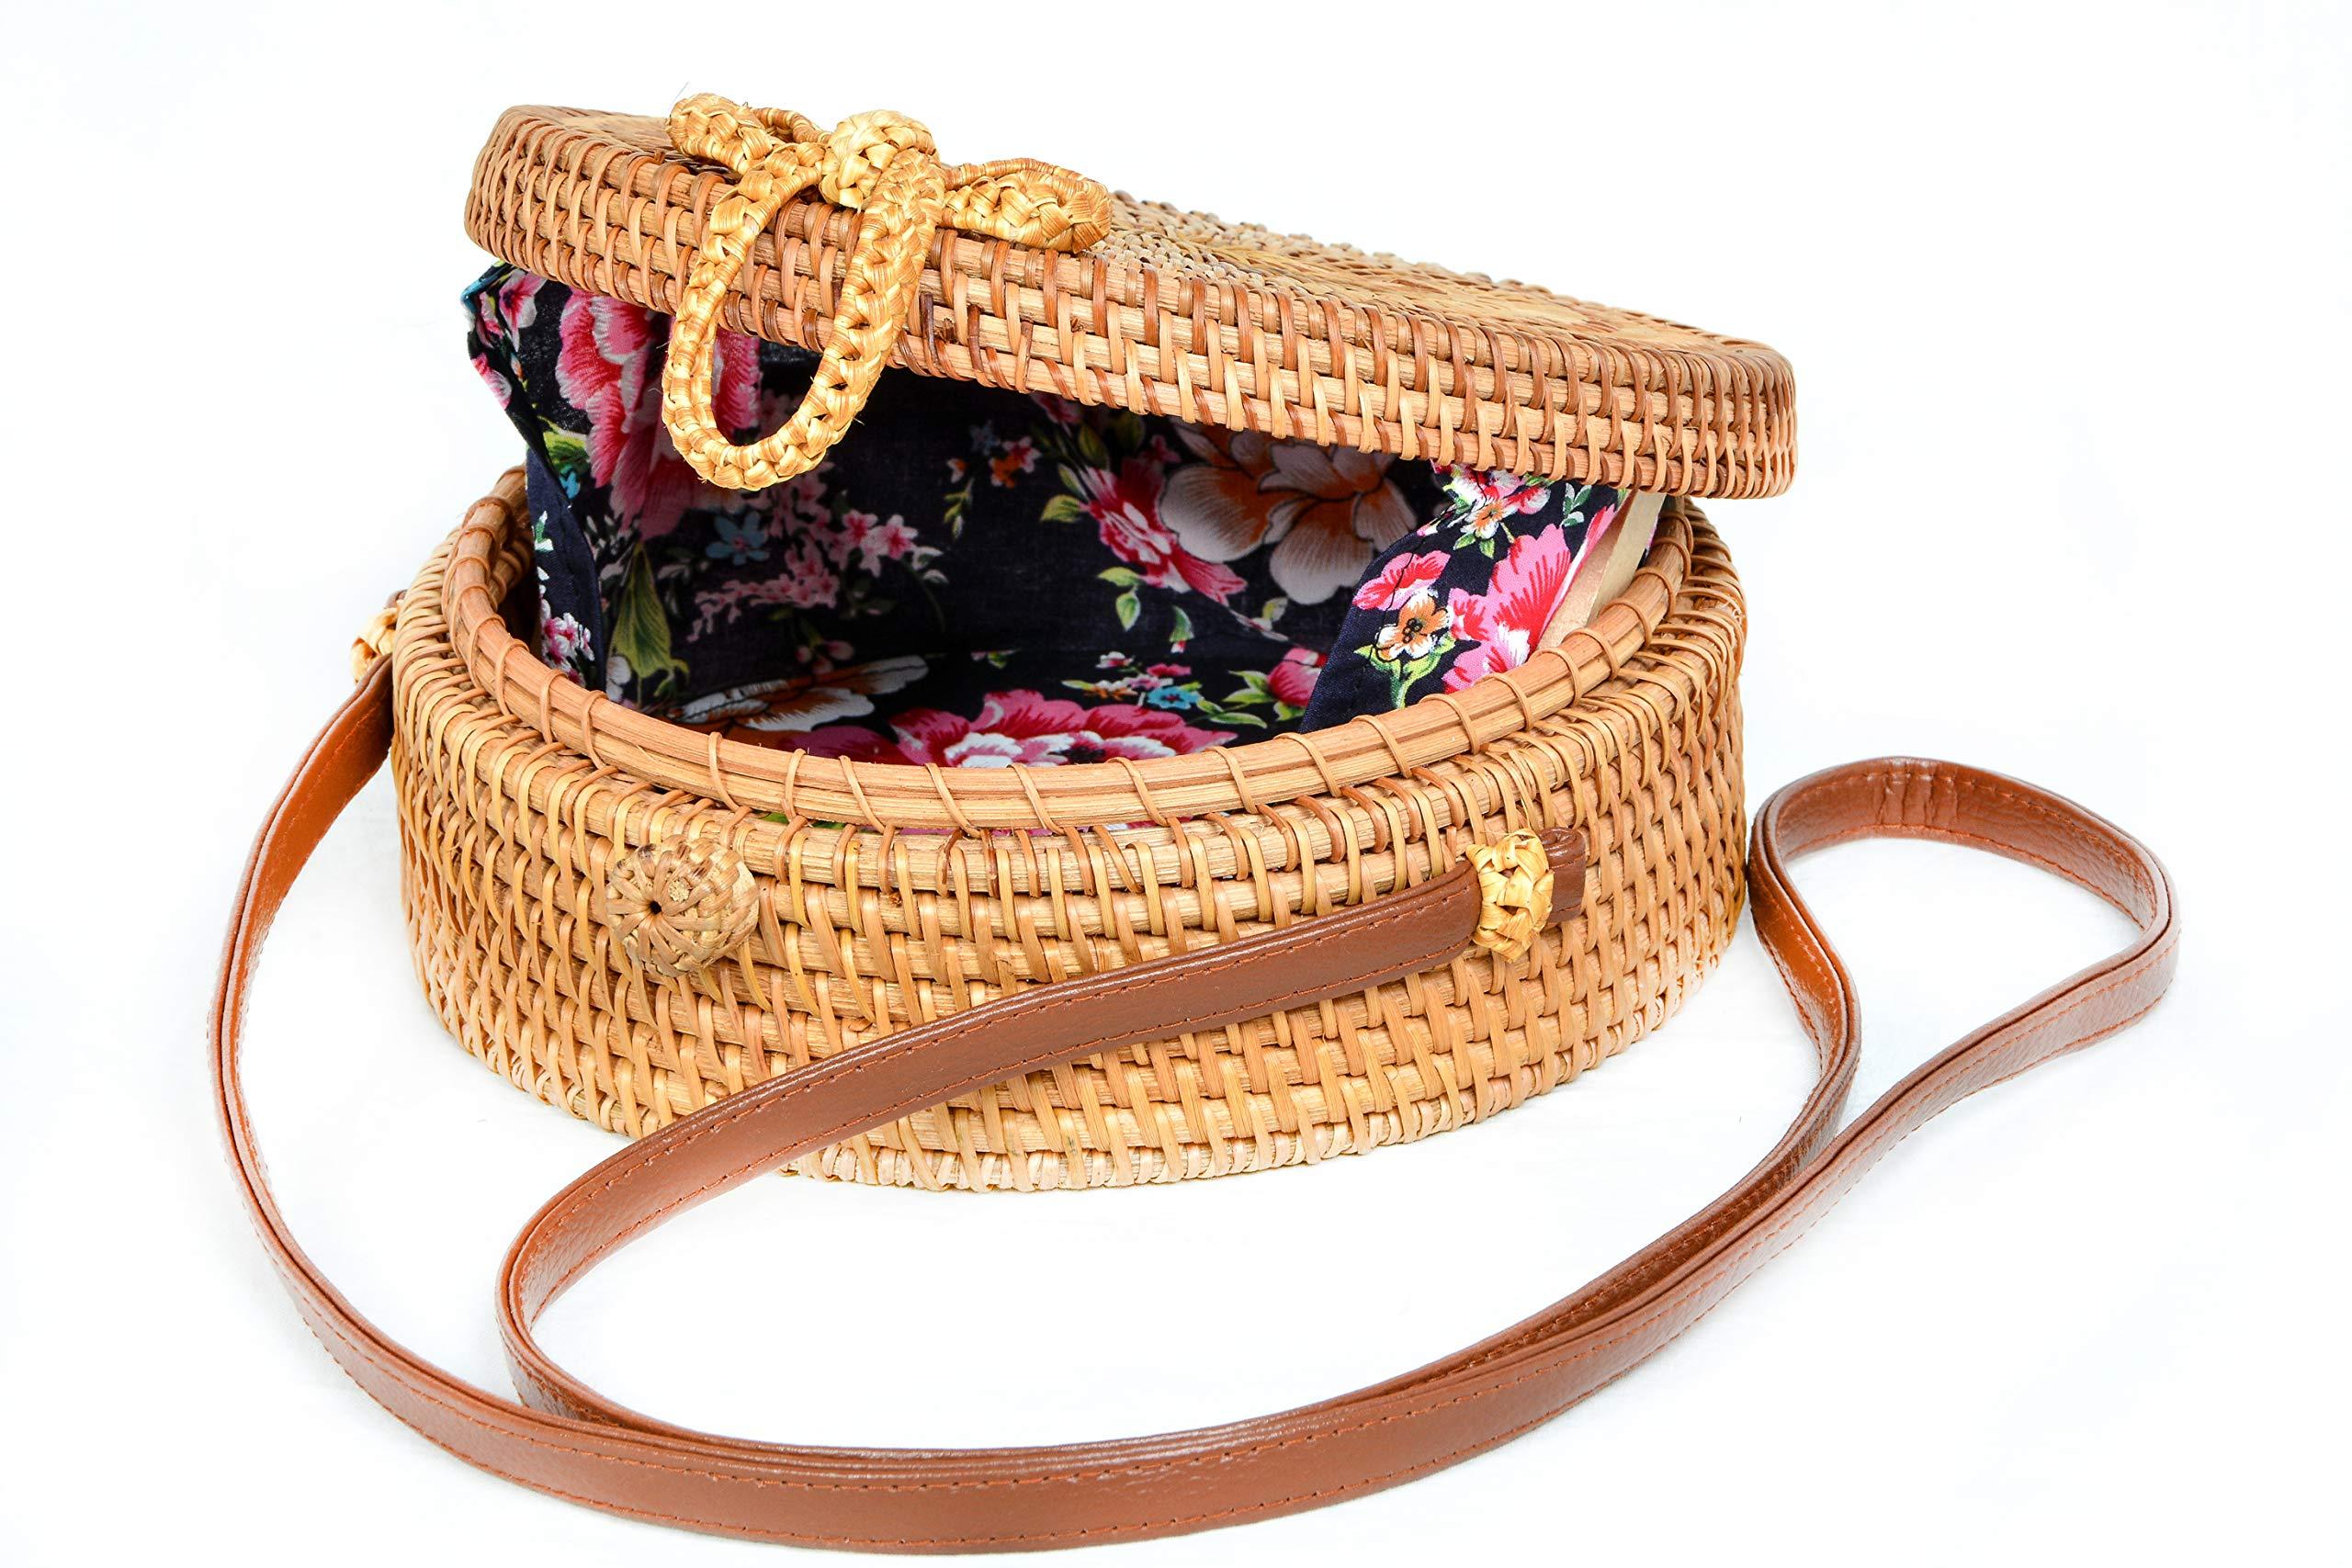 ZAYO Bolso de paja redondo hecho a mano de hombro, con correa de mano, hecho a mano de ratan, natural y elegante